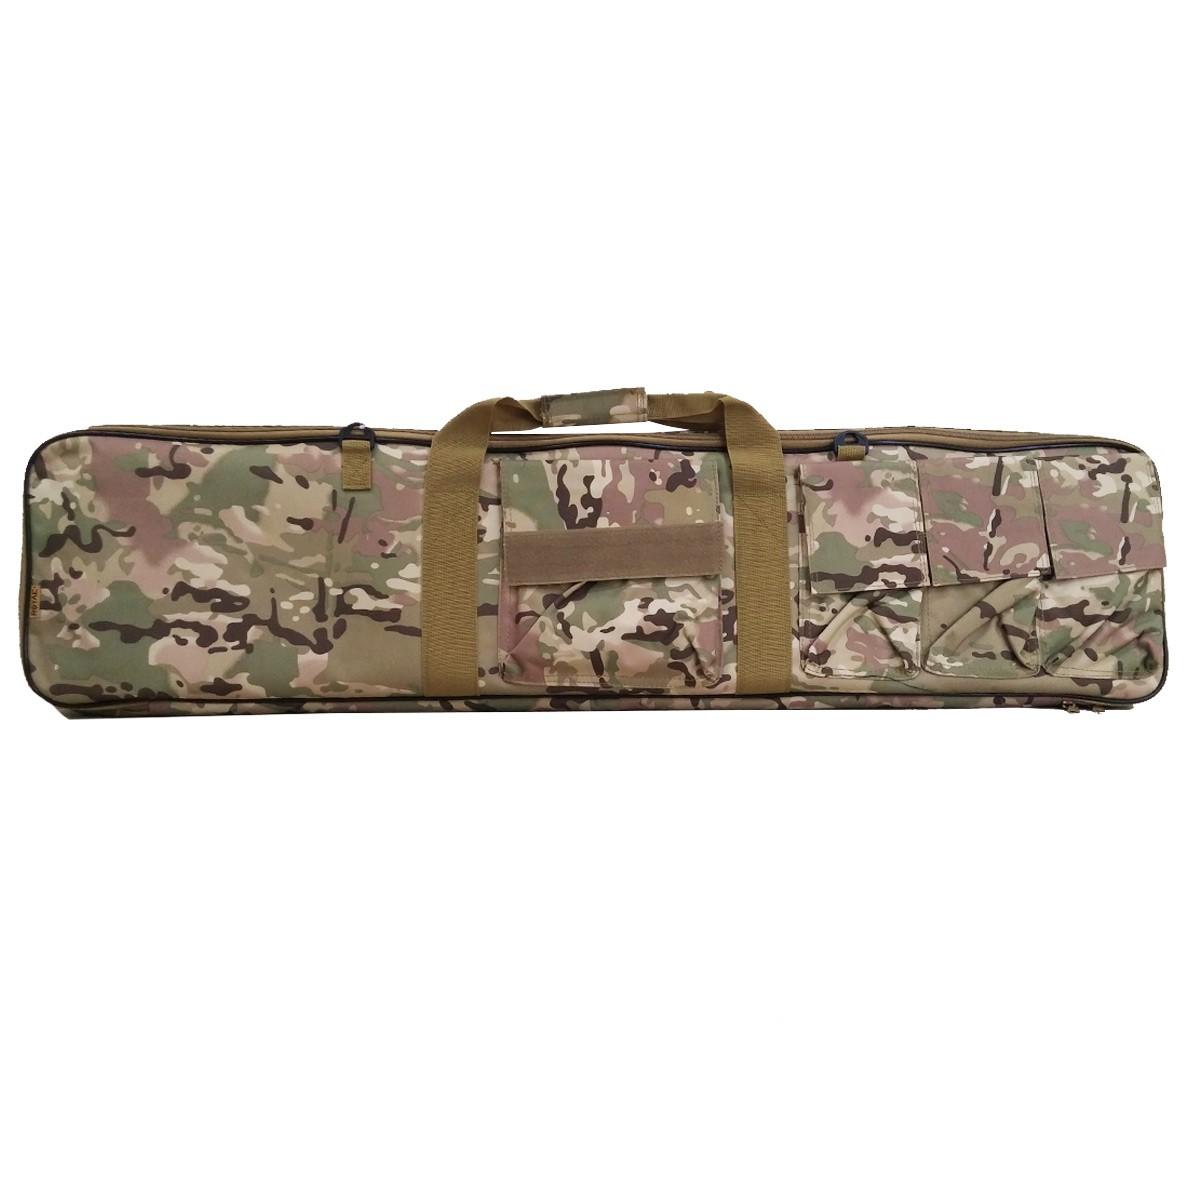 Custodia Fucile 107 cm Morbida Multicam Valigetta Borsa per Softair